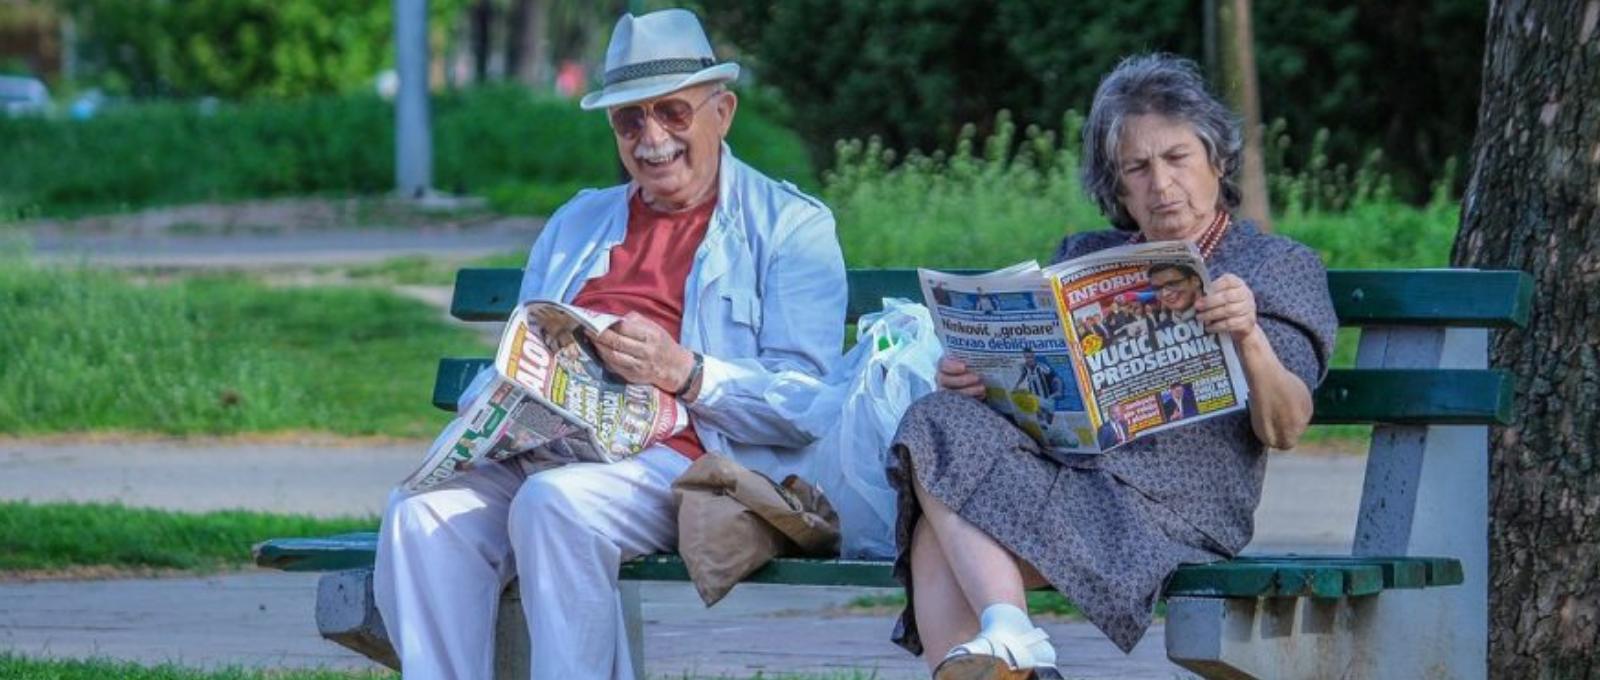 La population senior est de plus en plus nombreuse